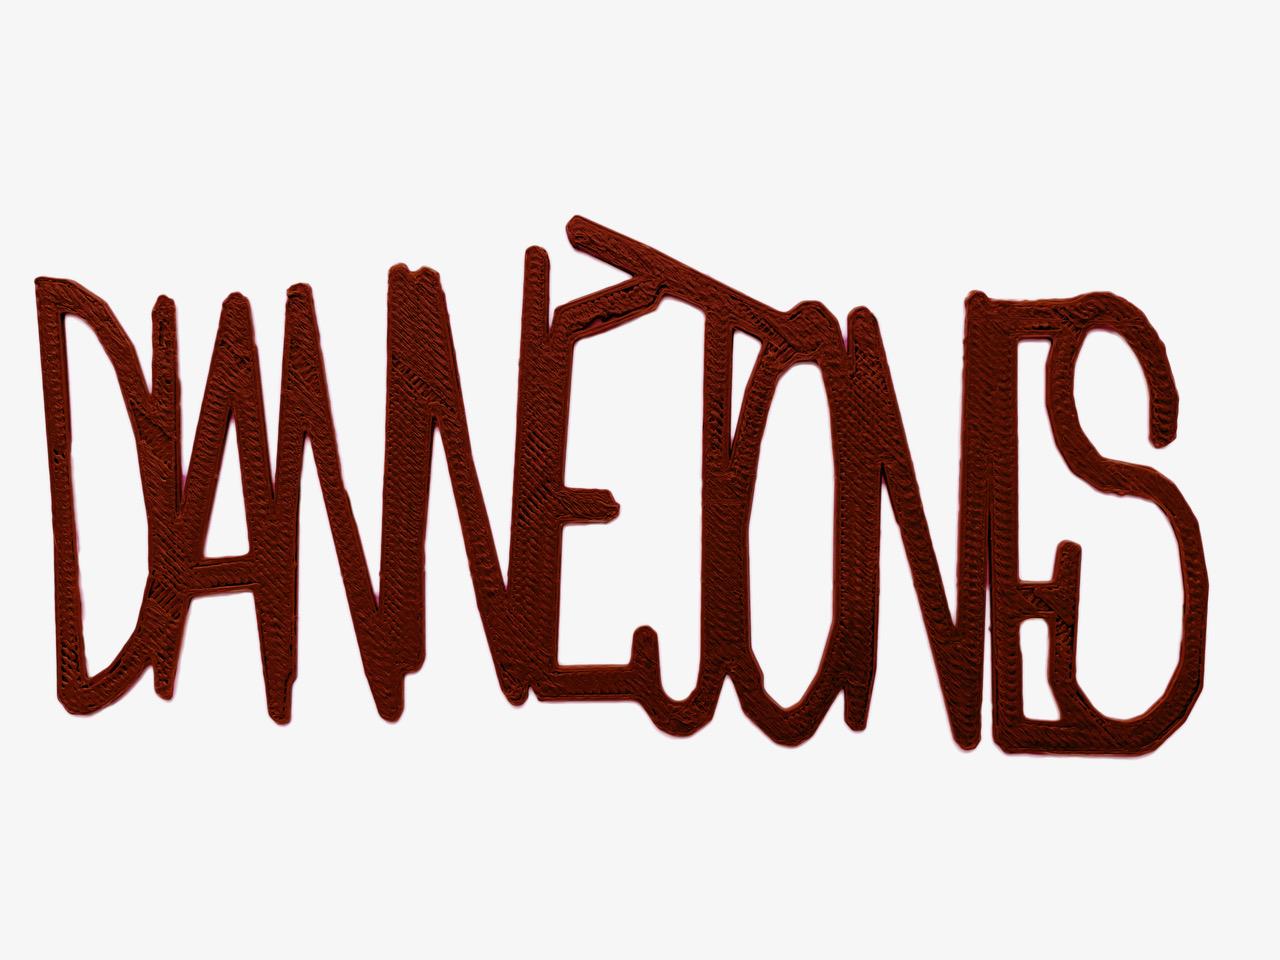 Dianne Jones.jpeg